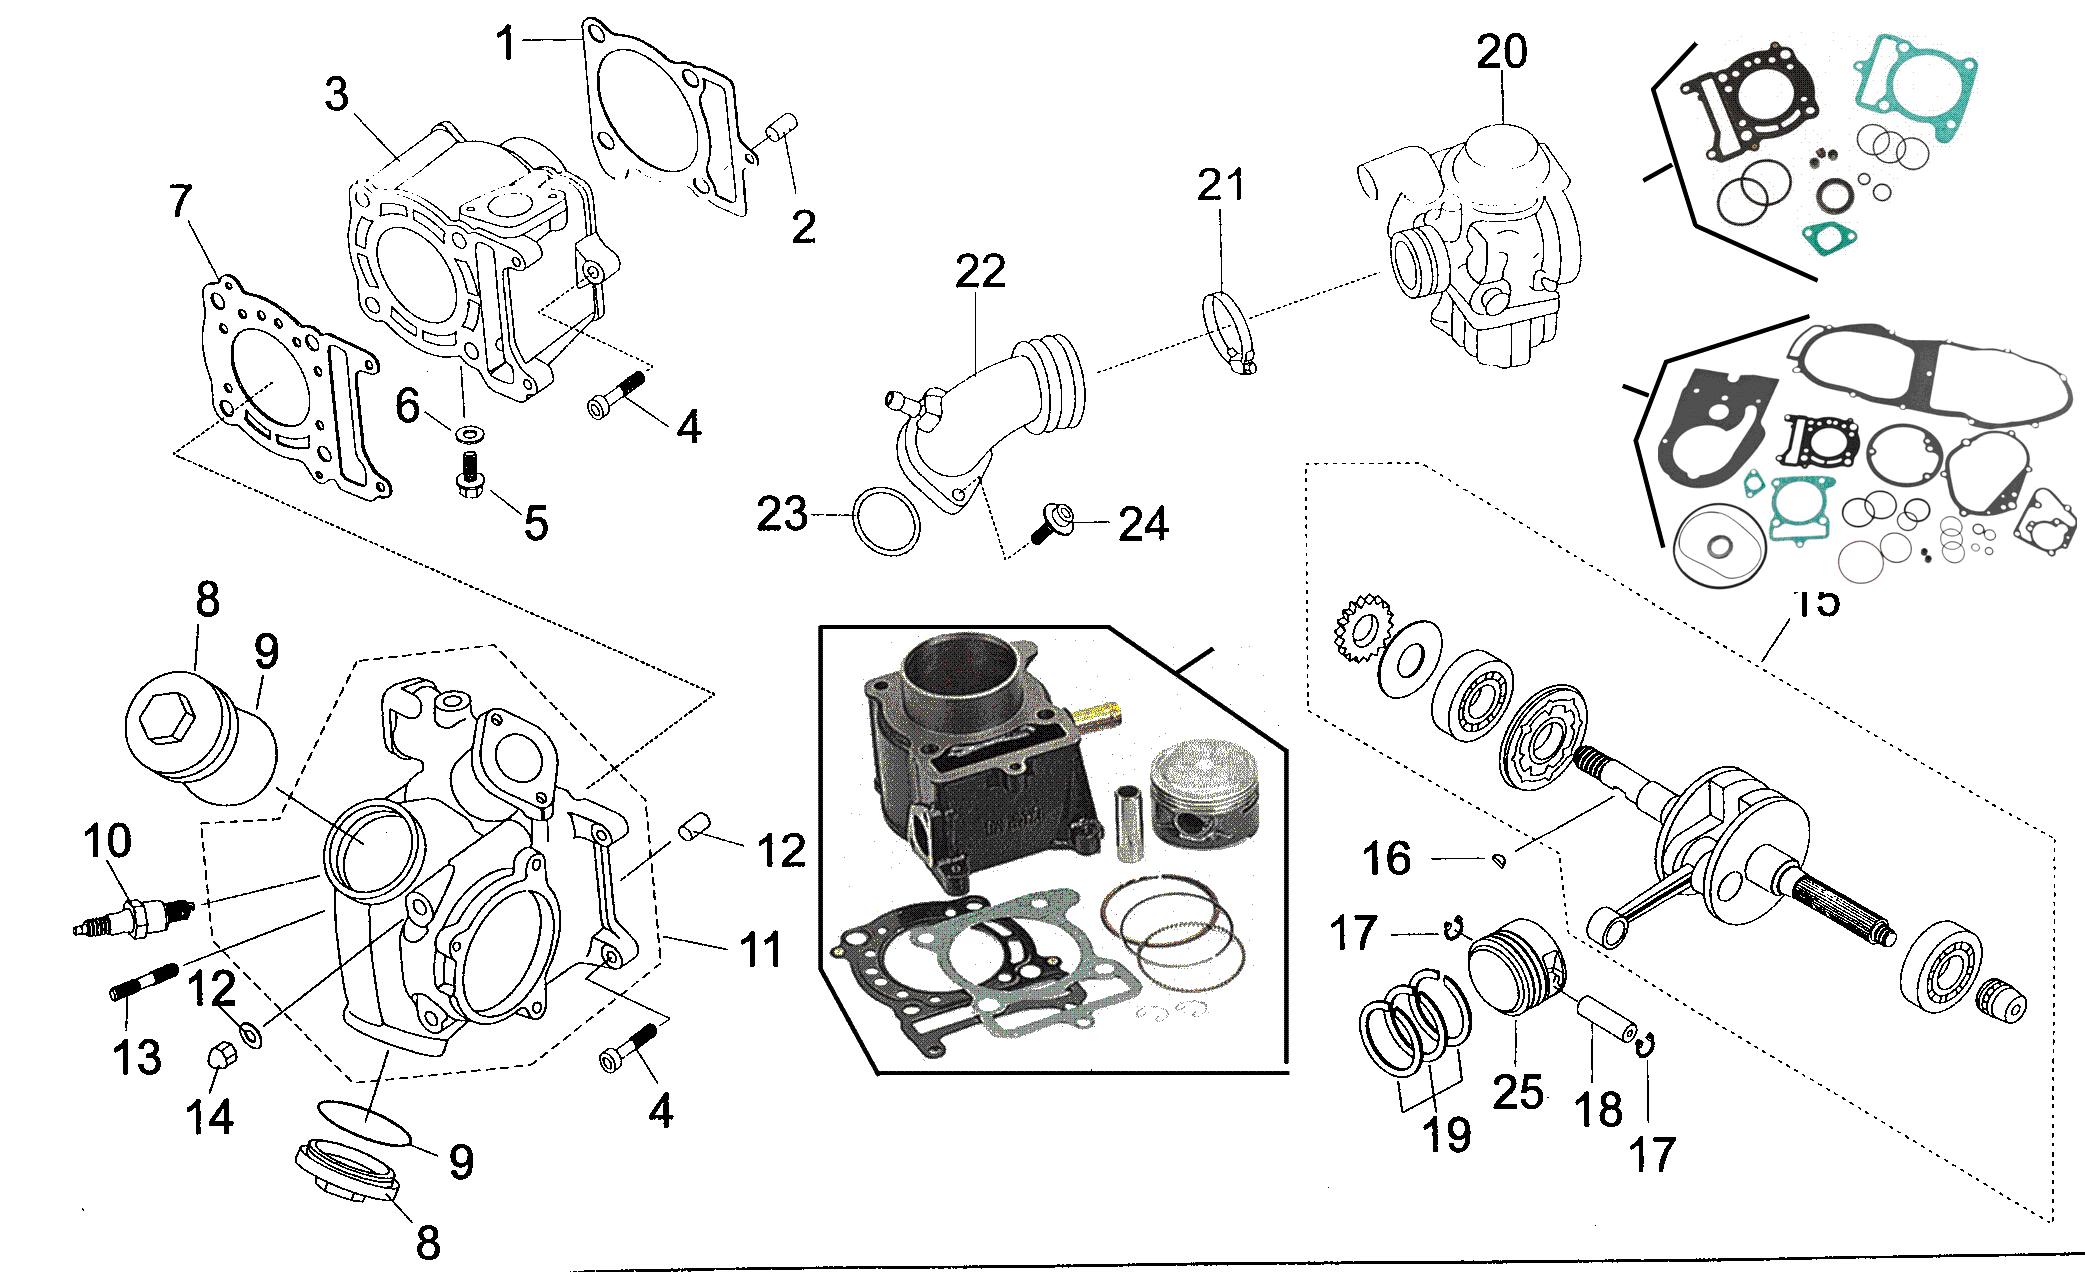 Zylinder / Zylinderkopf / Kurbelwelle / Vergaser